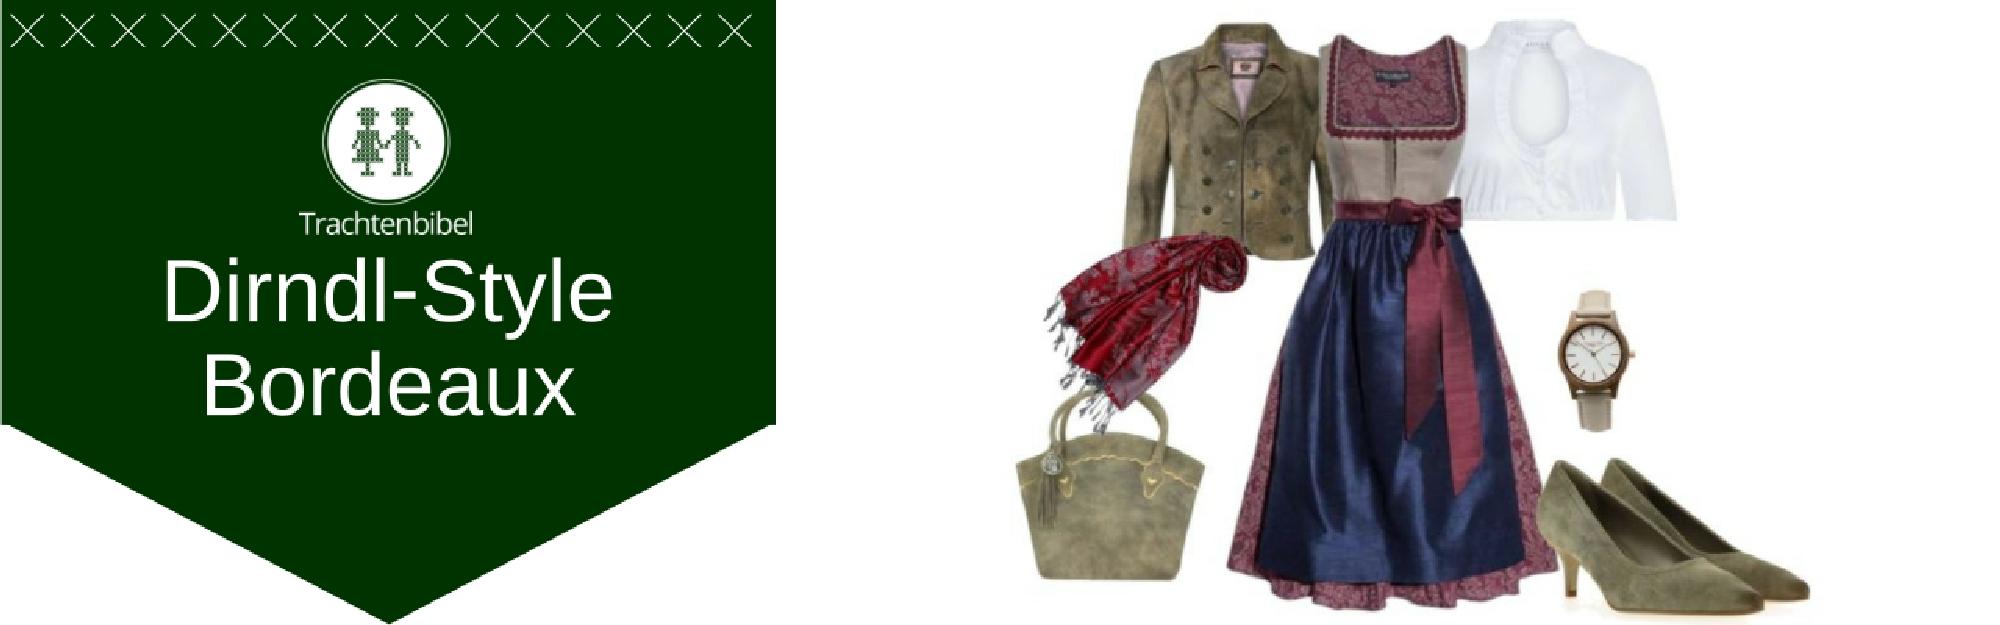 Bordeaux Dirndl Outfit